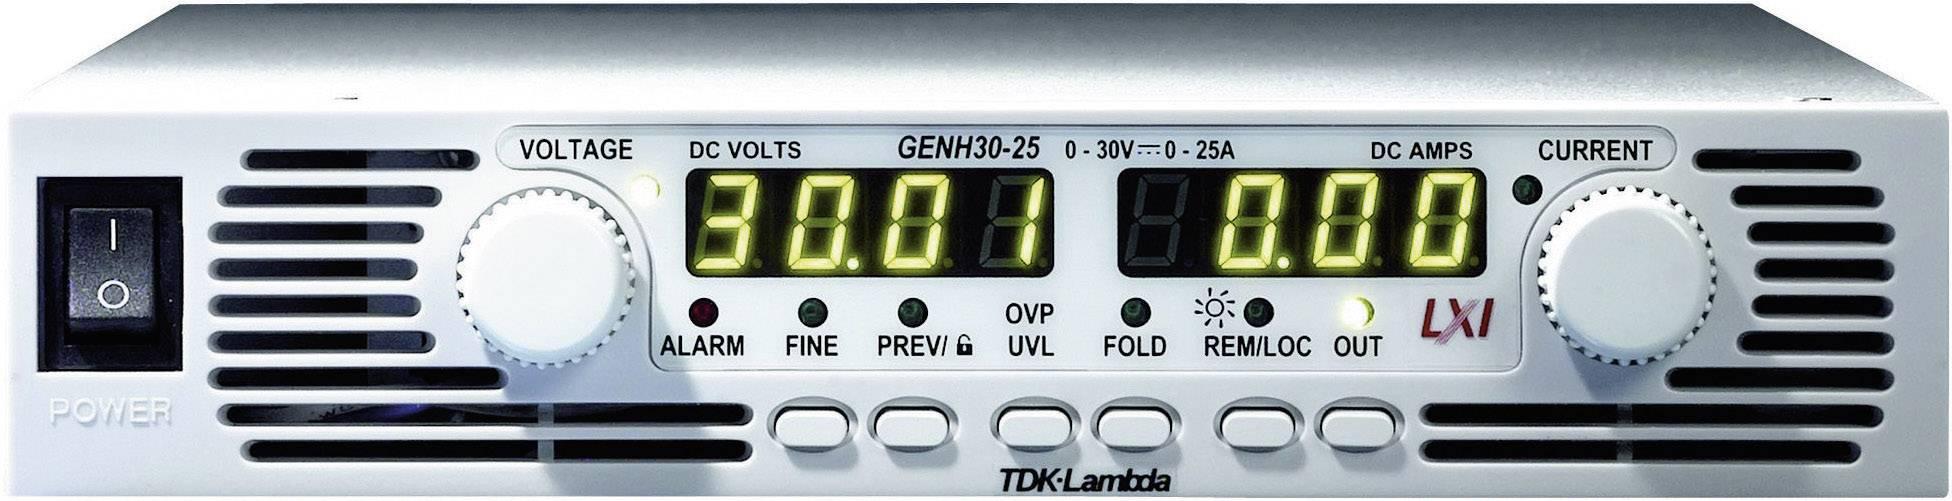 Laboratorní síťový zdroj TDK-Lambda, GENH-20-38/LN, 0 - 20 V/DC, 0 - 38 A